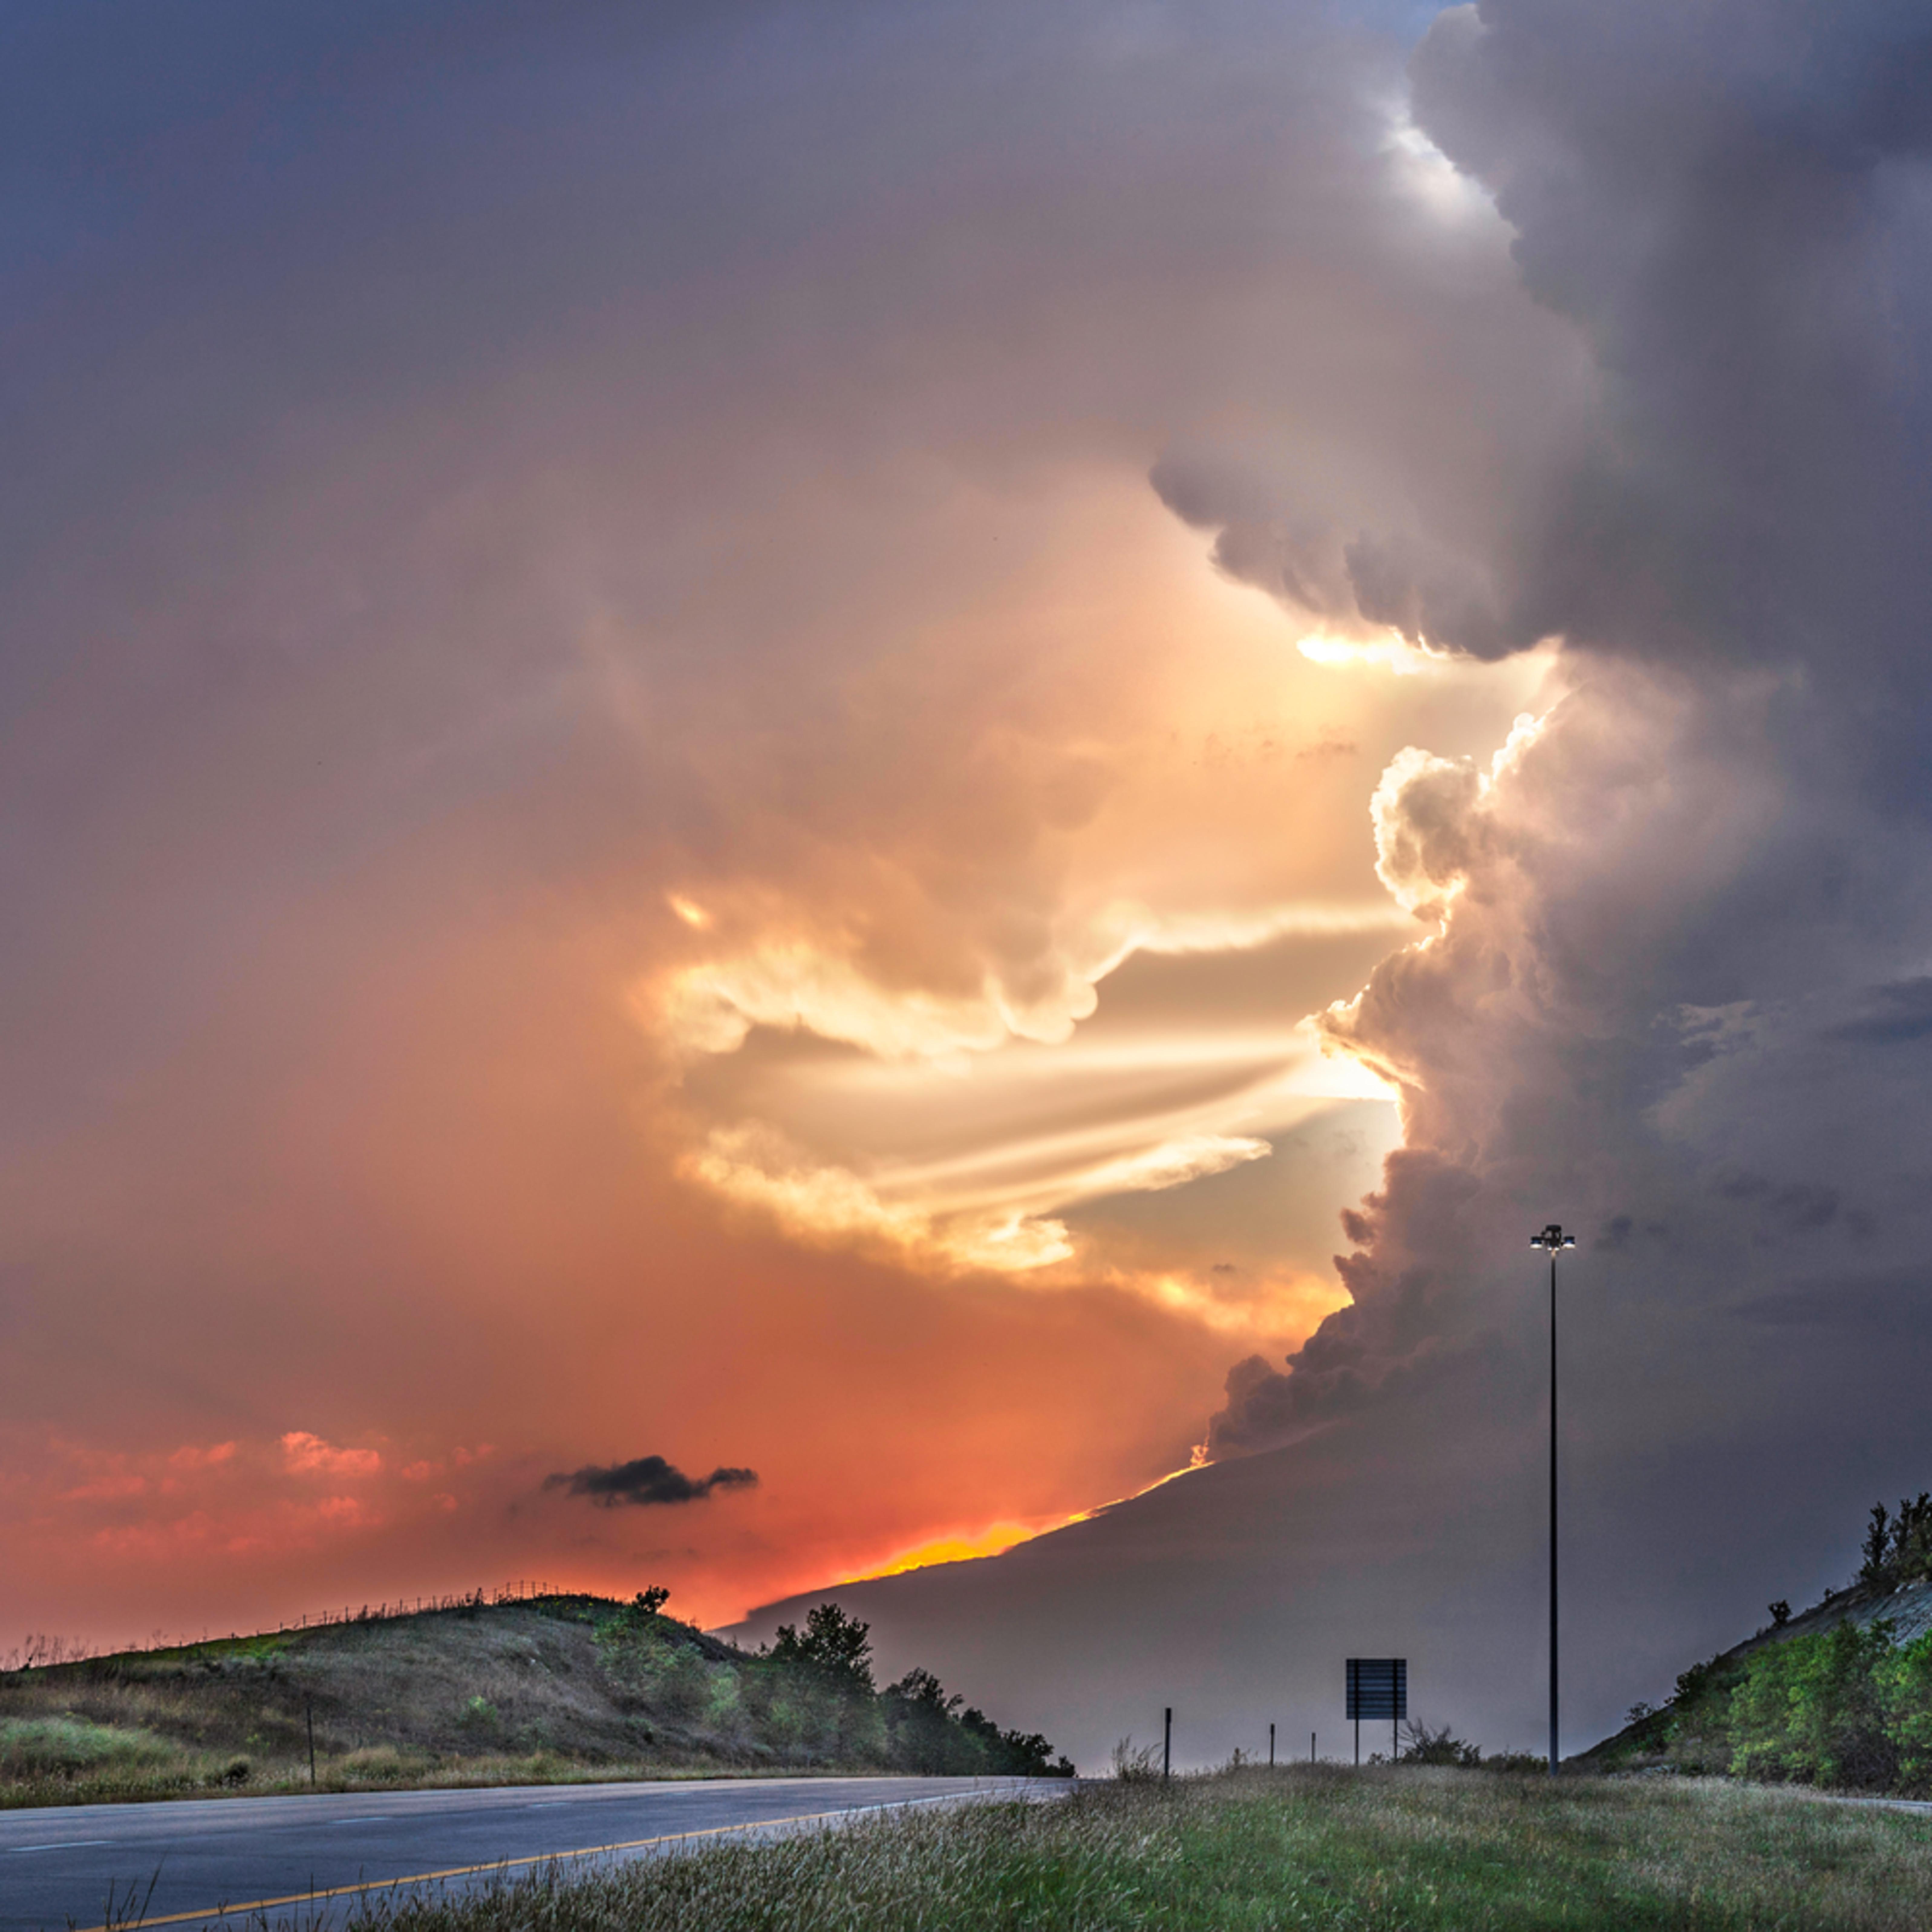 Highway to heaven 2 qxgt3h